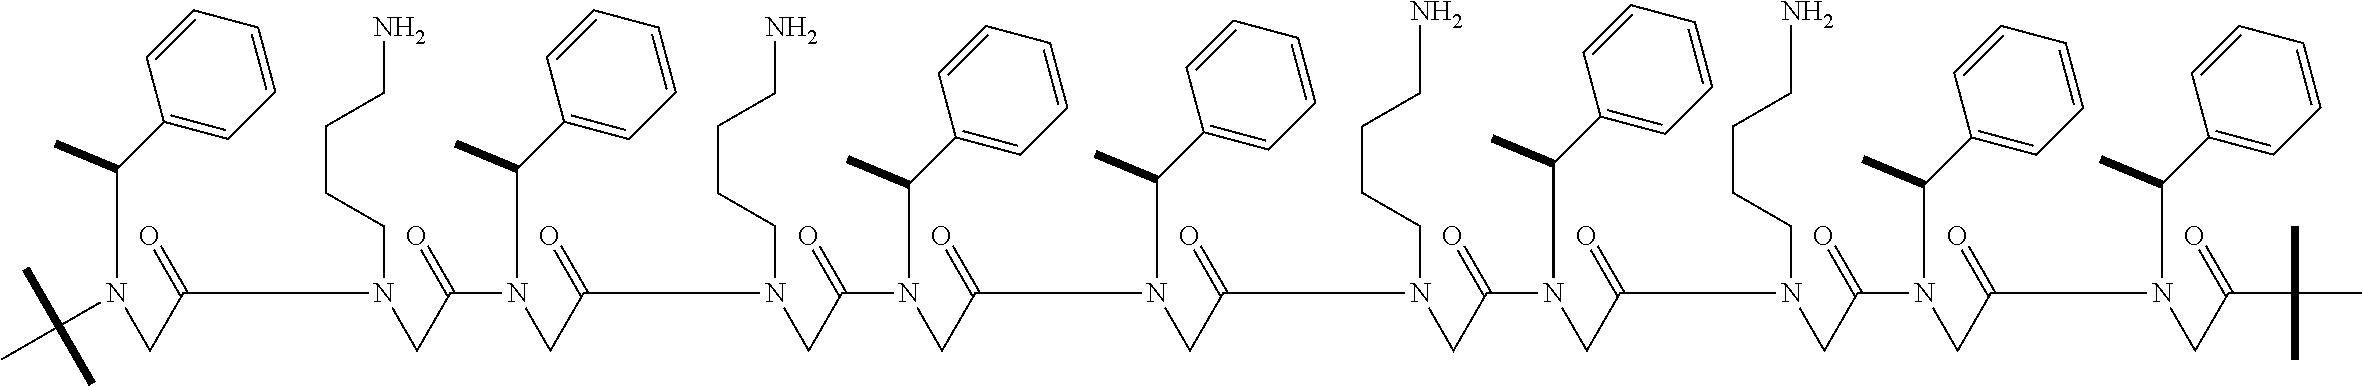 Figure US20110189692A1-20110804-C00022